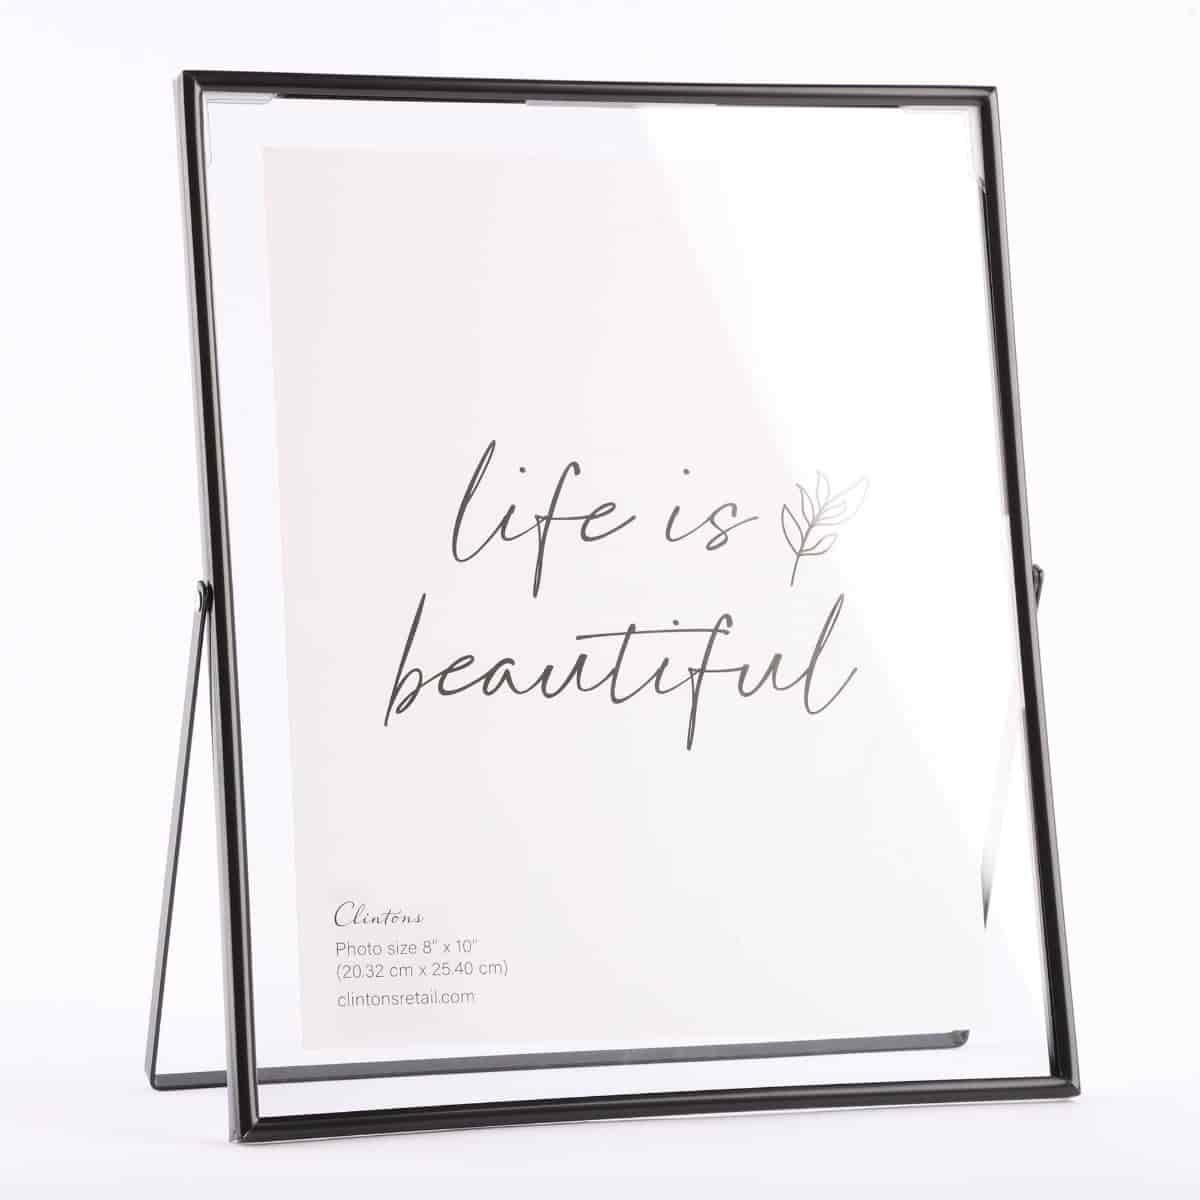 stylish photo frame